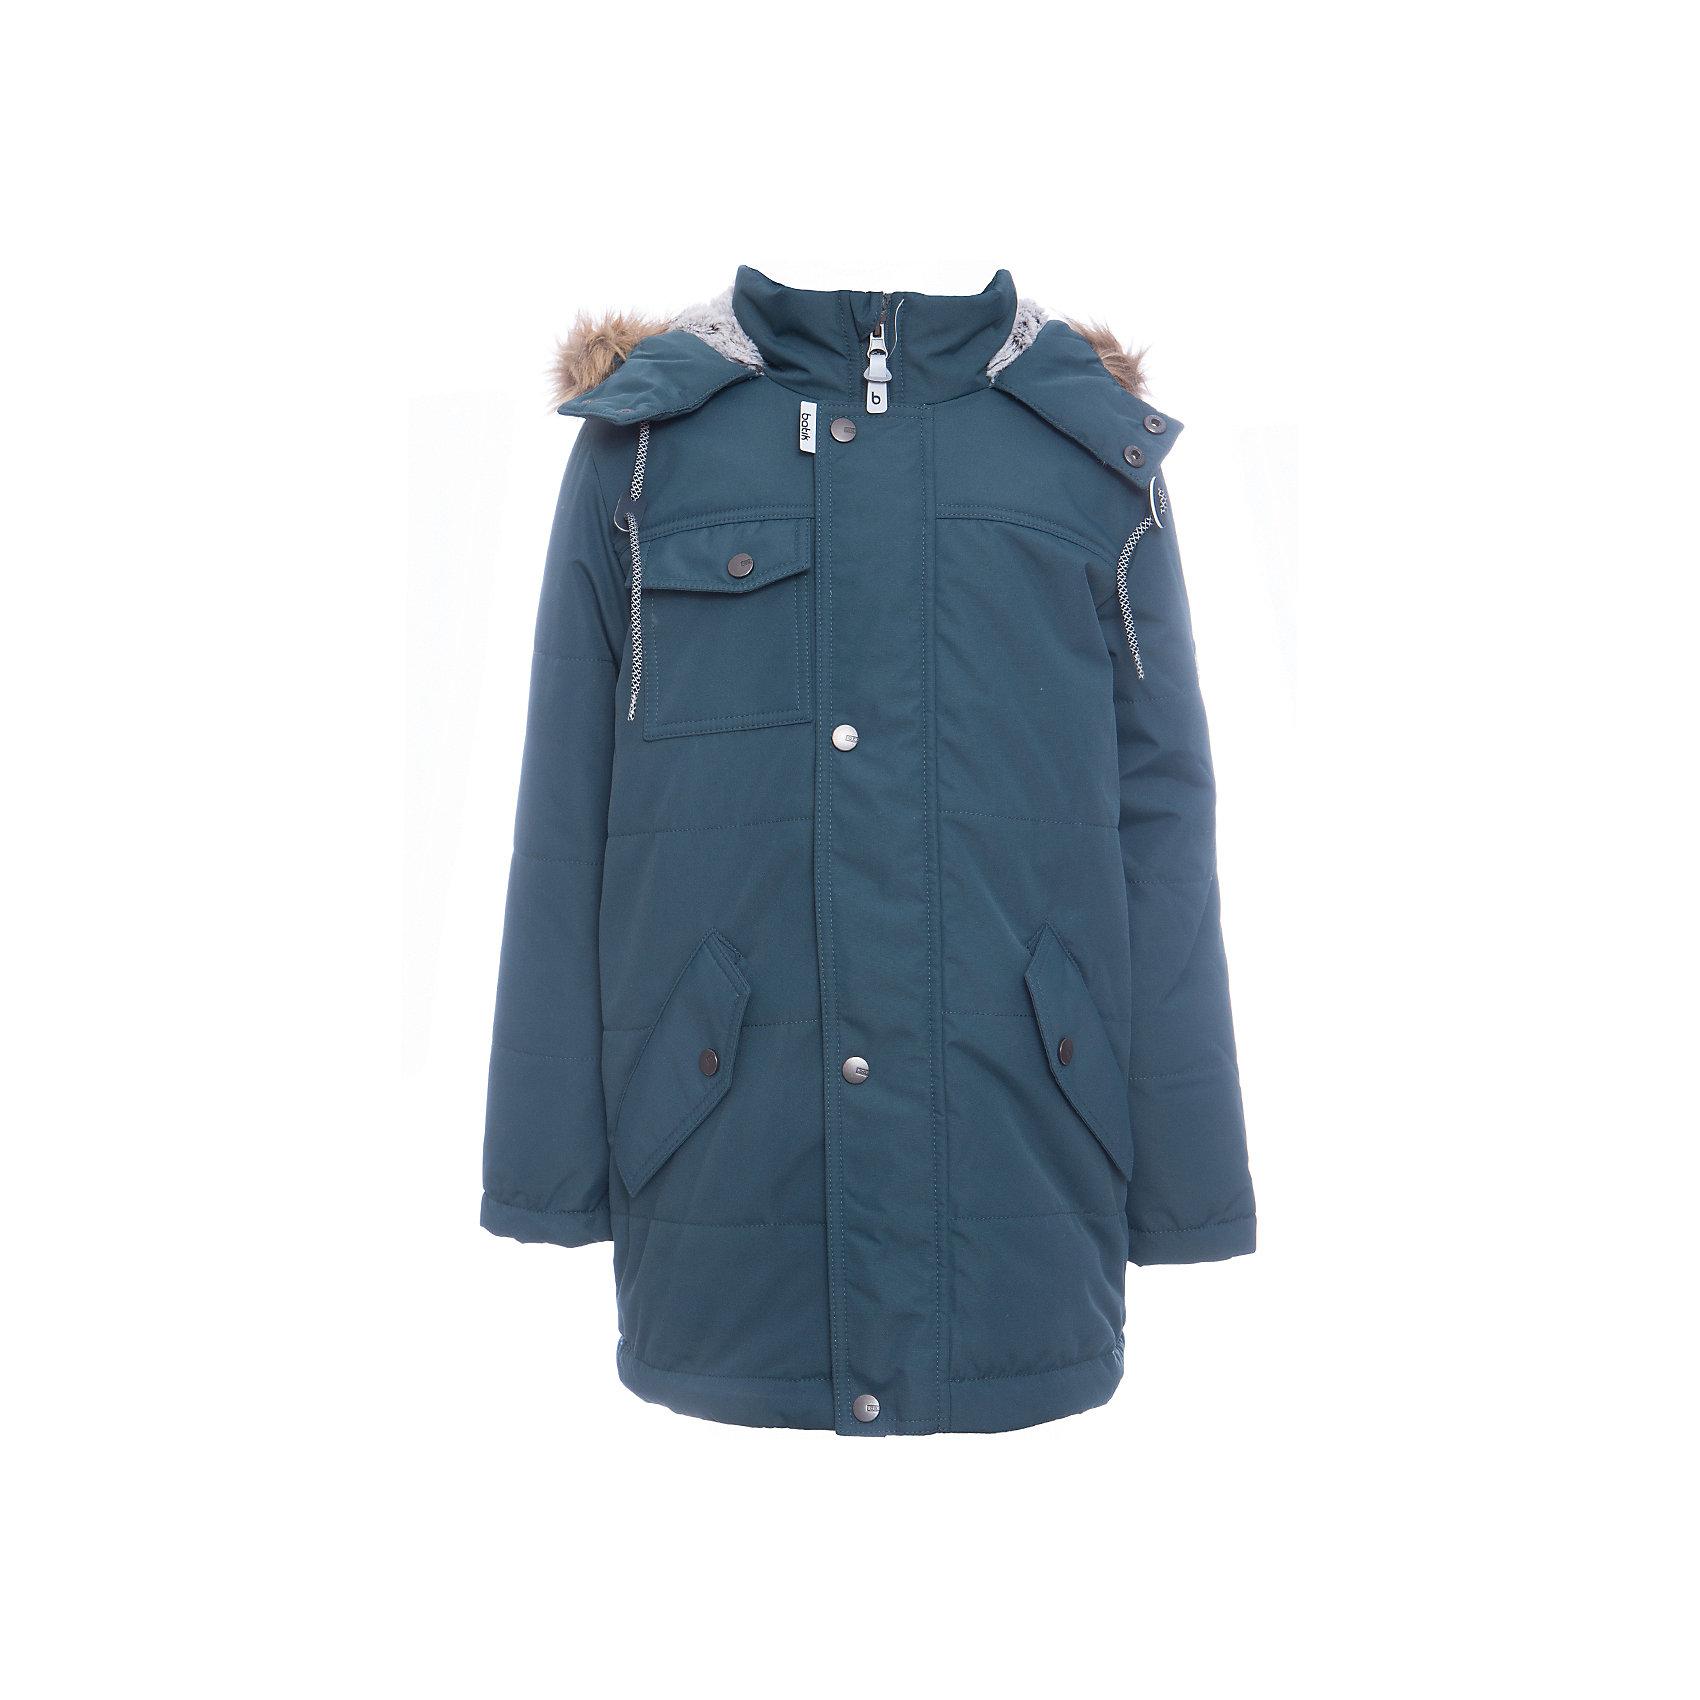 Куртка Лаки Batik для мальчикаВерхняя одежда<br>Характеристики товара:<br><br>• цвет: зеленый<br>• состав ткани: таслан<br>• подкладка: поларфлис<br>• утеплитель: слайтекс<br>• сезон: зима<br>• мембранное покрытие<br>• температурный режим: от -35 до 0<br>• водонепроницаемость: 5000 мм <br>• паропроницаемость: 5000 г/м2<br>• плотность утеплителя: 300 г/м2<br>• застежка: молния<br>• капюшон: с мехом, съемный<br>• страна бренда: Россия<br>• страна изготовитель: Россия<br><br>Зимняя куртка Batik для мальчика благодаря мембранному покрытию подходит для ношения в сильные морозы. Детская куртка от бренда Batik отличается удобным капюшоном и карманами. Мембранная зимняя куртка стильная и теплая. Мембранное покрытие детской куртки не задерживает воздух, но защищает от влаги, ветра и холода. <br><br>Куртку Лаки Batik (Батик) для мальчика можно купить в нашем интернет-магазине.<br><br>Ширина мм: 356<br>Глубина мм: 10<br>Высота мм: 245<br>Вес г: 519<br>Цвет: зеленый<br>Возраст от месяцев: 120<br>Возраст до месяцев: 132<br>Пол: Мужской<br>Возраст: Детский<br>Размер: 146,128,134,140<br>SKU: 7028429